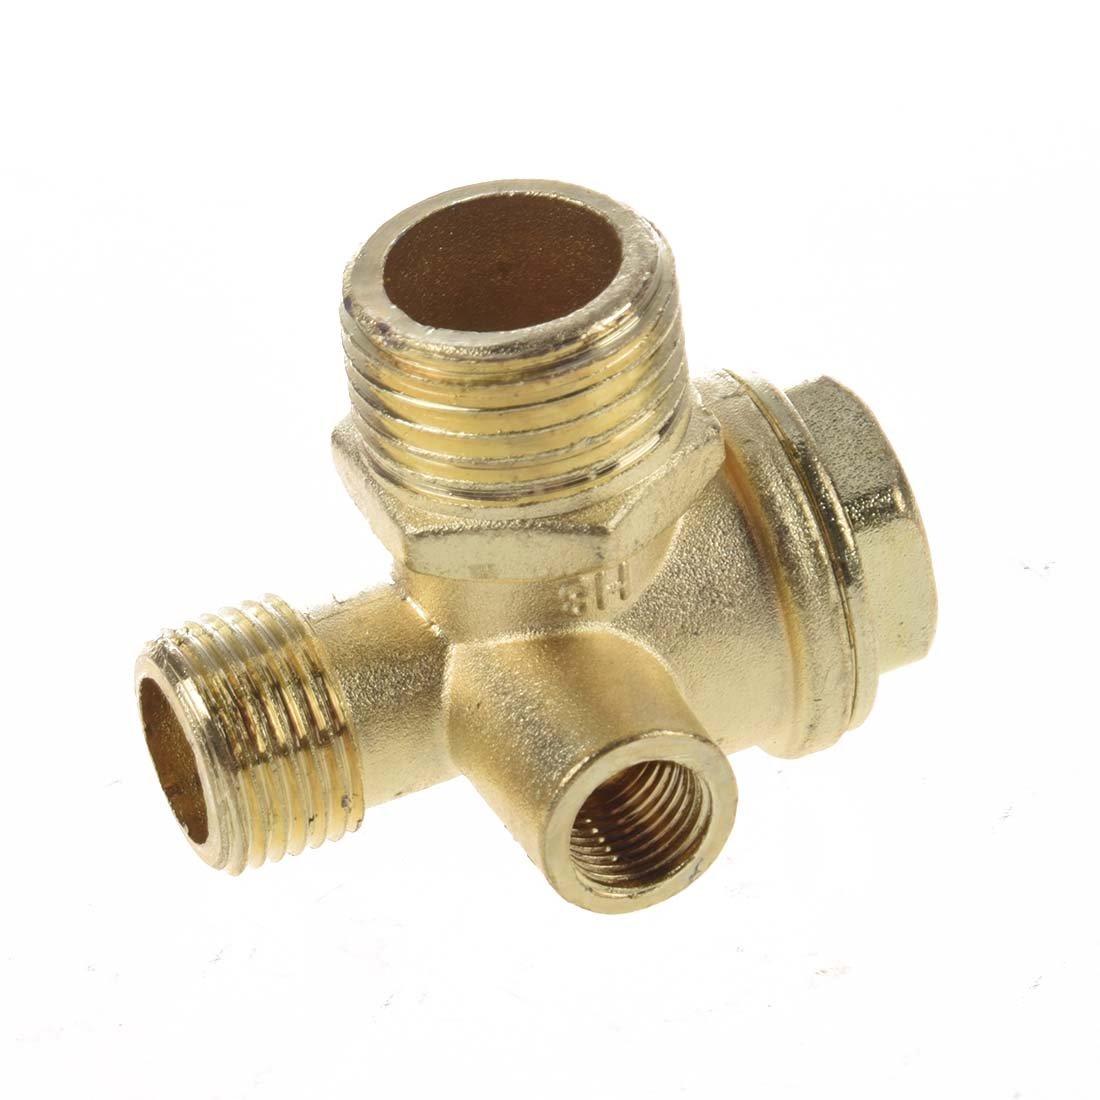 SODIAL(R) Valvula de Retencion para Compresor de Aire Conector de Tubo 3/8